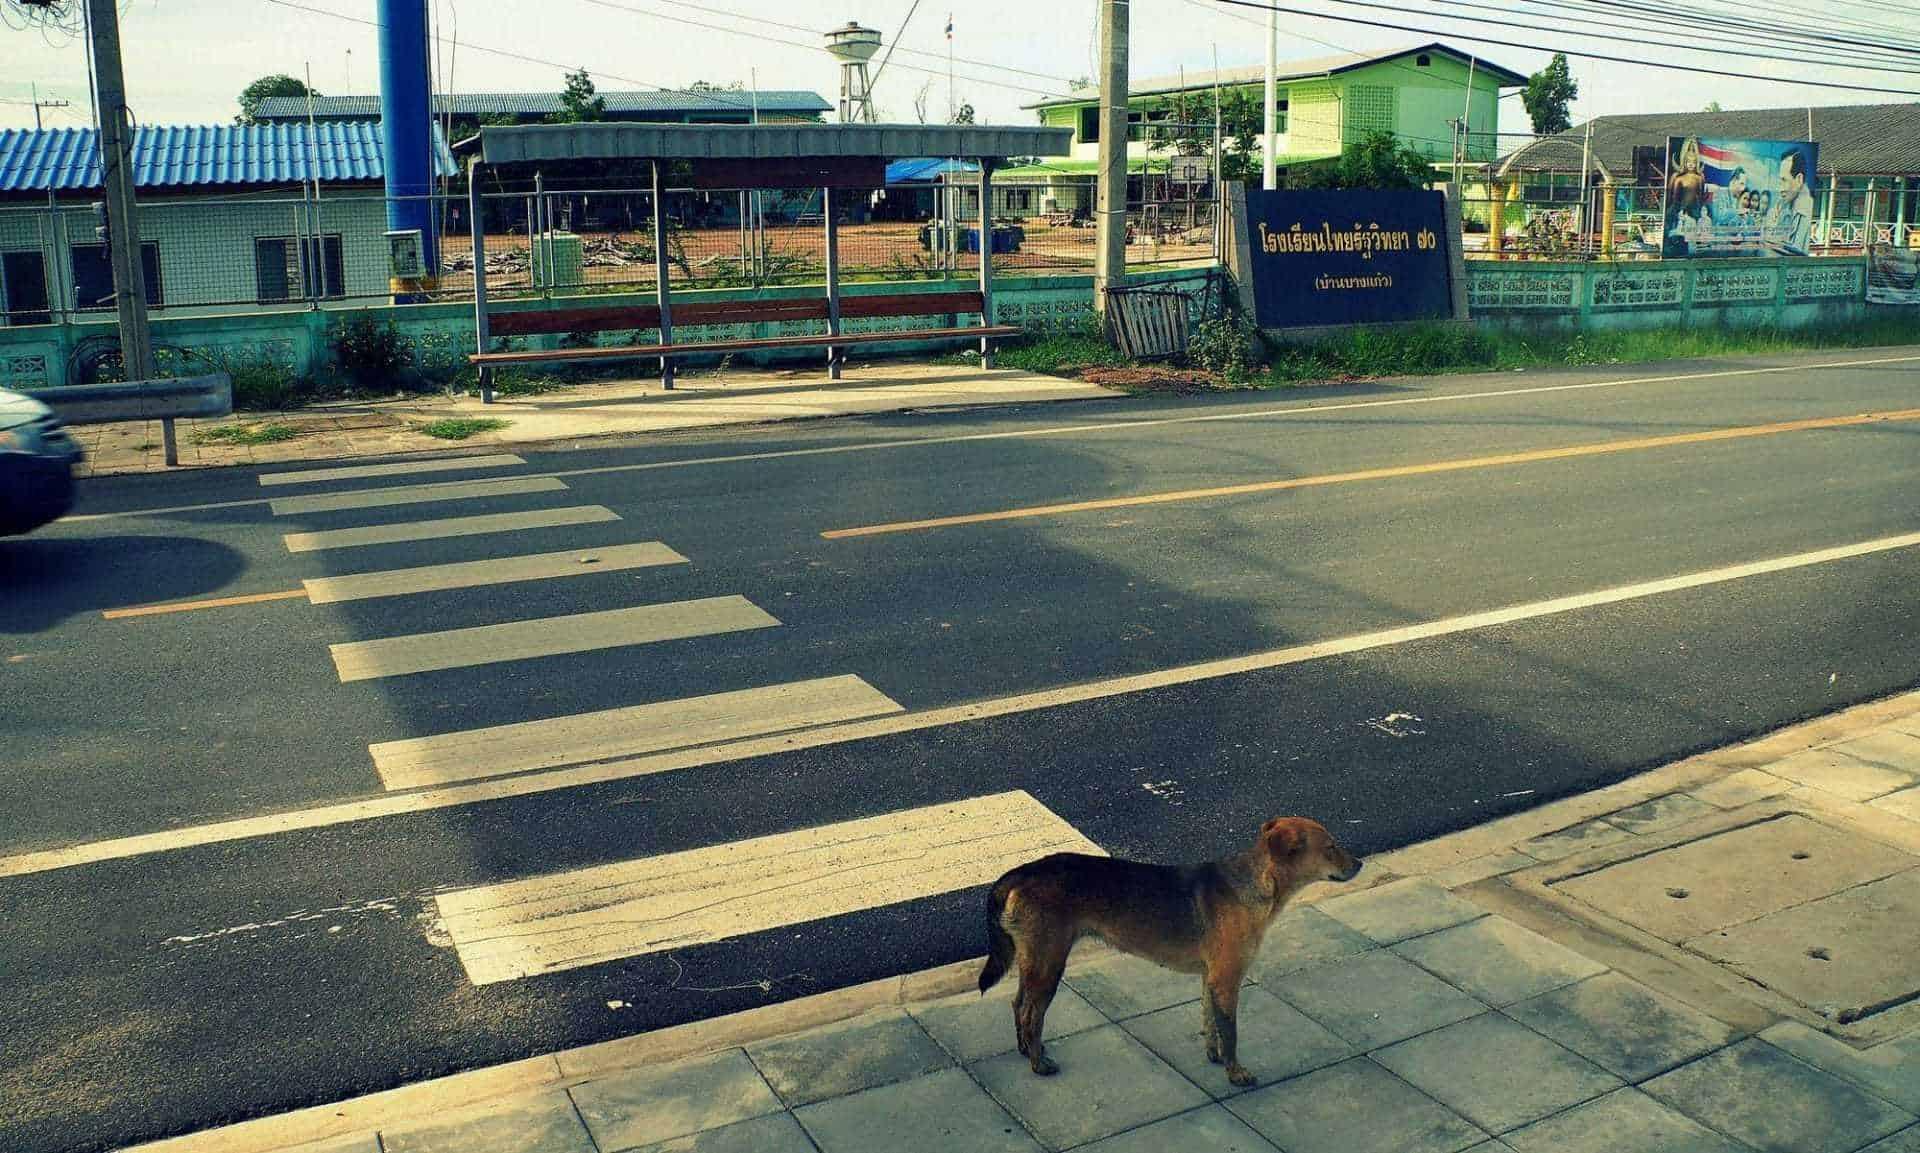 Il randagismo in Thailandia: un problema difficile da risolvere